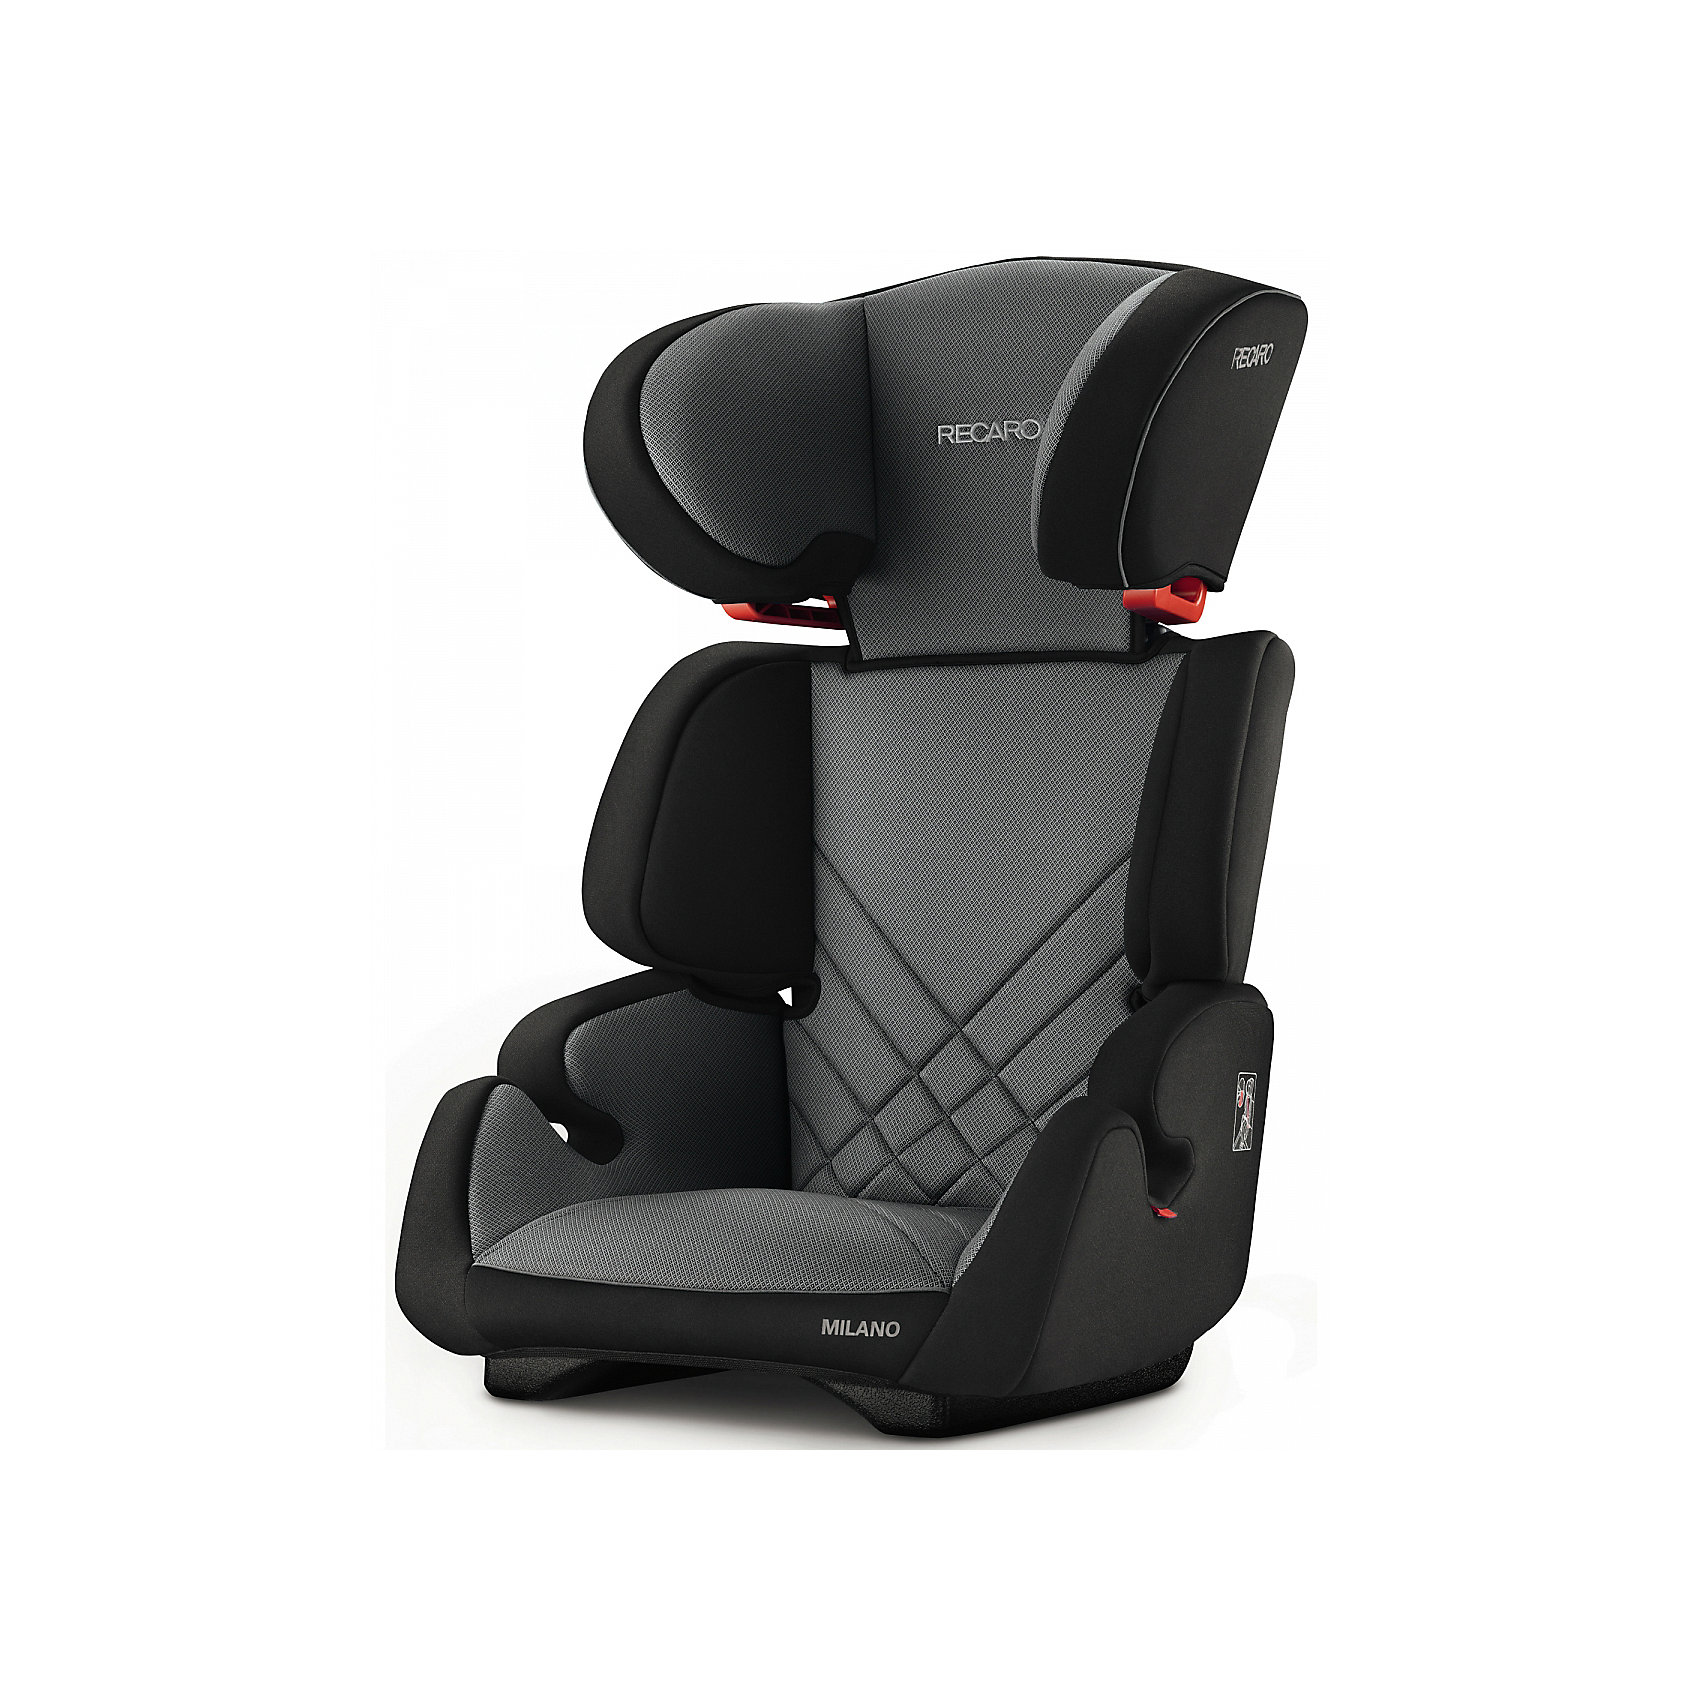 Автокресло Milano Seatfix 15-36 кг., Recaro, Carbon BlackХарактеристики:<br><br>• группа автокресла: 2/3;<br>• вес ребенка: 15-36 кг;<br>• возраст ребенка: от 3 до 12 лет;<br>• рост ребенка: от 95 до 150 см;<br>• способ крепления: встроенная система IsoFix;<br>• способ установки: лицом по ходу движения автомобиля;<br>• регулируется высота подголовника: 6 положений;<br>• циркуляция воздуха внутри автокресла;<br>• наличие подлокотников;<br>• усиленная боковая защита;<br>• материал: пластик, полиэстер.<br><br>Размеры:<br><br>• размер автокресла: 61х50х45 см;<br>• высота спинки автокресла: 55/67 см;<br>• ширина сиденья: 29 см;<br>• глубина сиденья: 29 см;<br>• ширина подголовника: 20 см;<br>• вес: 6 кг.<br><br>Автокресло Milano Seatfix - продуманный вариант для подросших любителей путешествовать в автомобиле. Автокресло устанавливается на заднем сидении автомобиля с любой стороны. Встроенная система Изофикс позволяет легко и прочно устанавливать автокресло в салоне автомобиля. Регулирование высоты подголовника дает возможность настроить удобное положение в зависимости от того, как ребенок растет. Съемные чехлы можно стирать при температуре 30 градусов без отжима. <br><br>Автокресло Milano Seatfix 15-36 кг., Recaro, Carbon Black можно купить в нашем интернет-магазине.<br><br>Ширина мм: 610<br>Глубина мм: 500<br>Высота мм: 450<br>Вес г: 6000<br>Возраст от месяцев: 36<br>Возраст до месяцев: 144<br>Пол: Унисекс<br>Возраст: Детский<br>SKU: 5396744